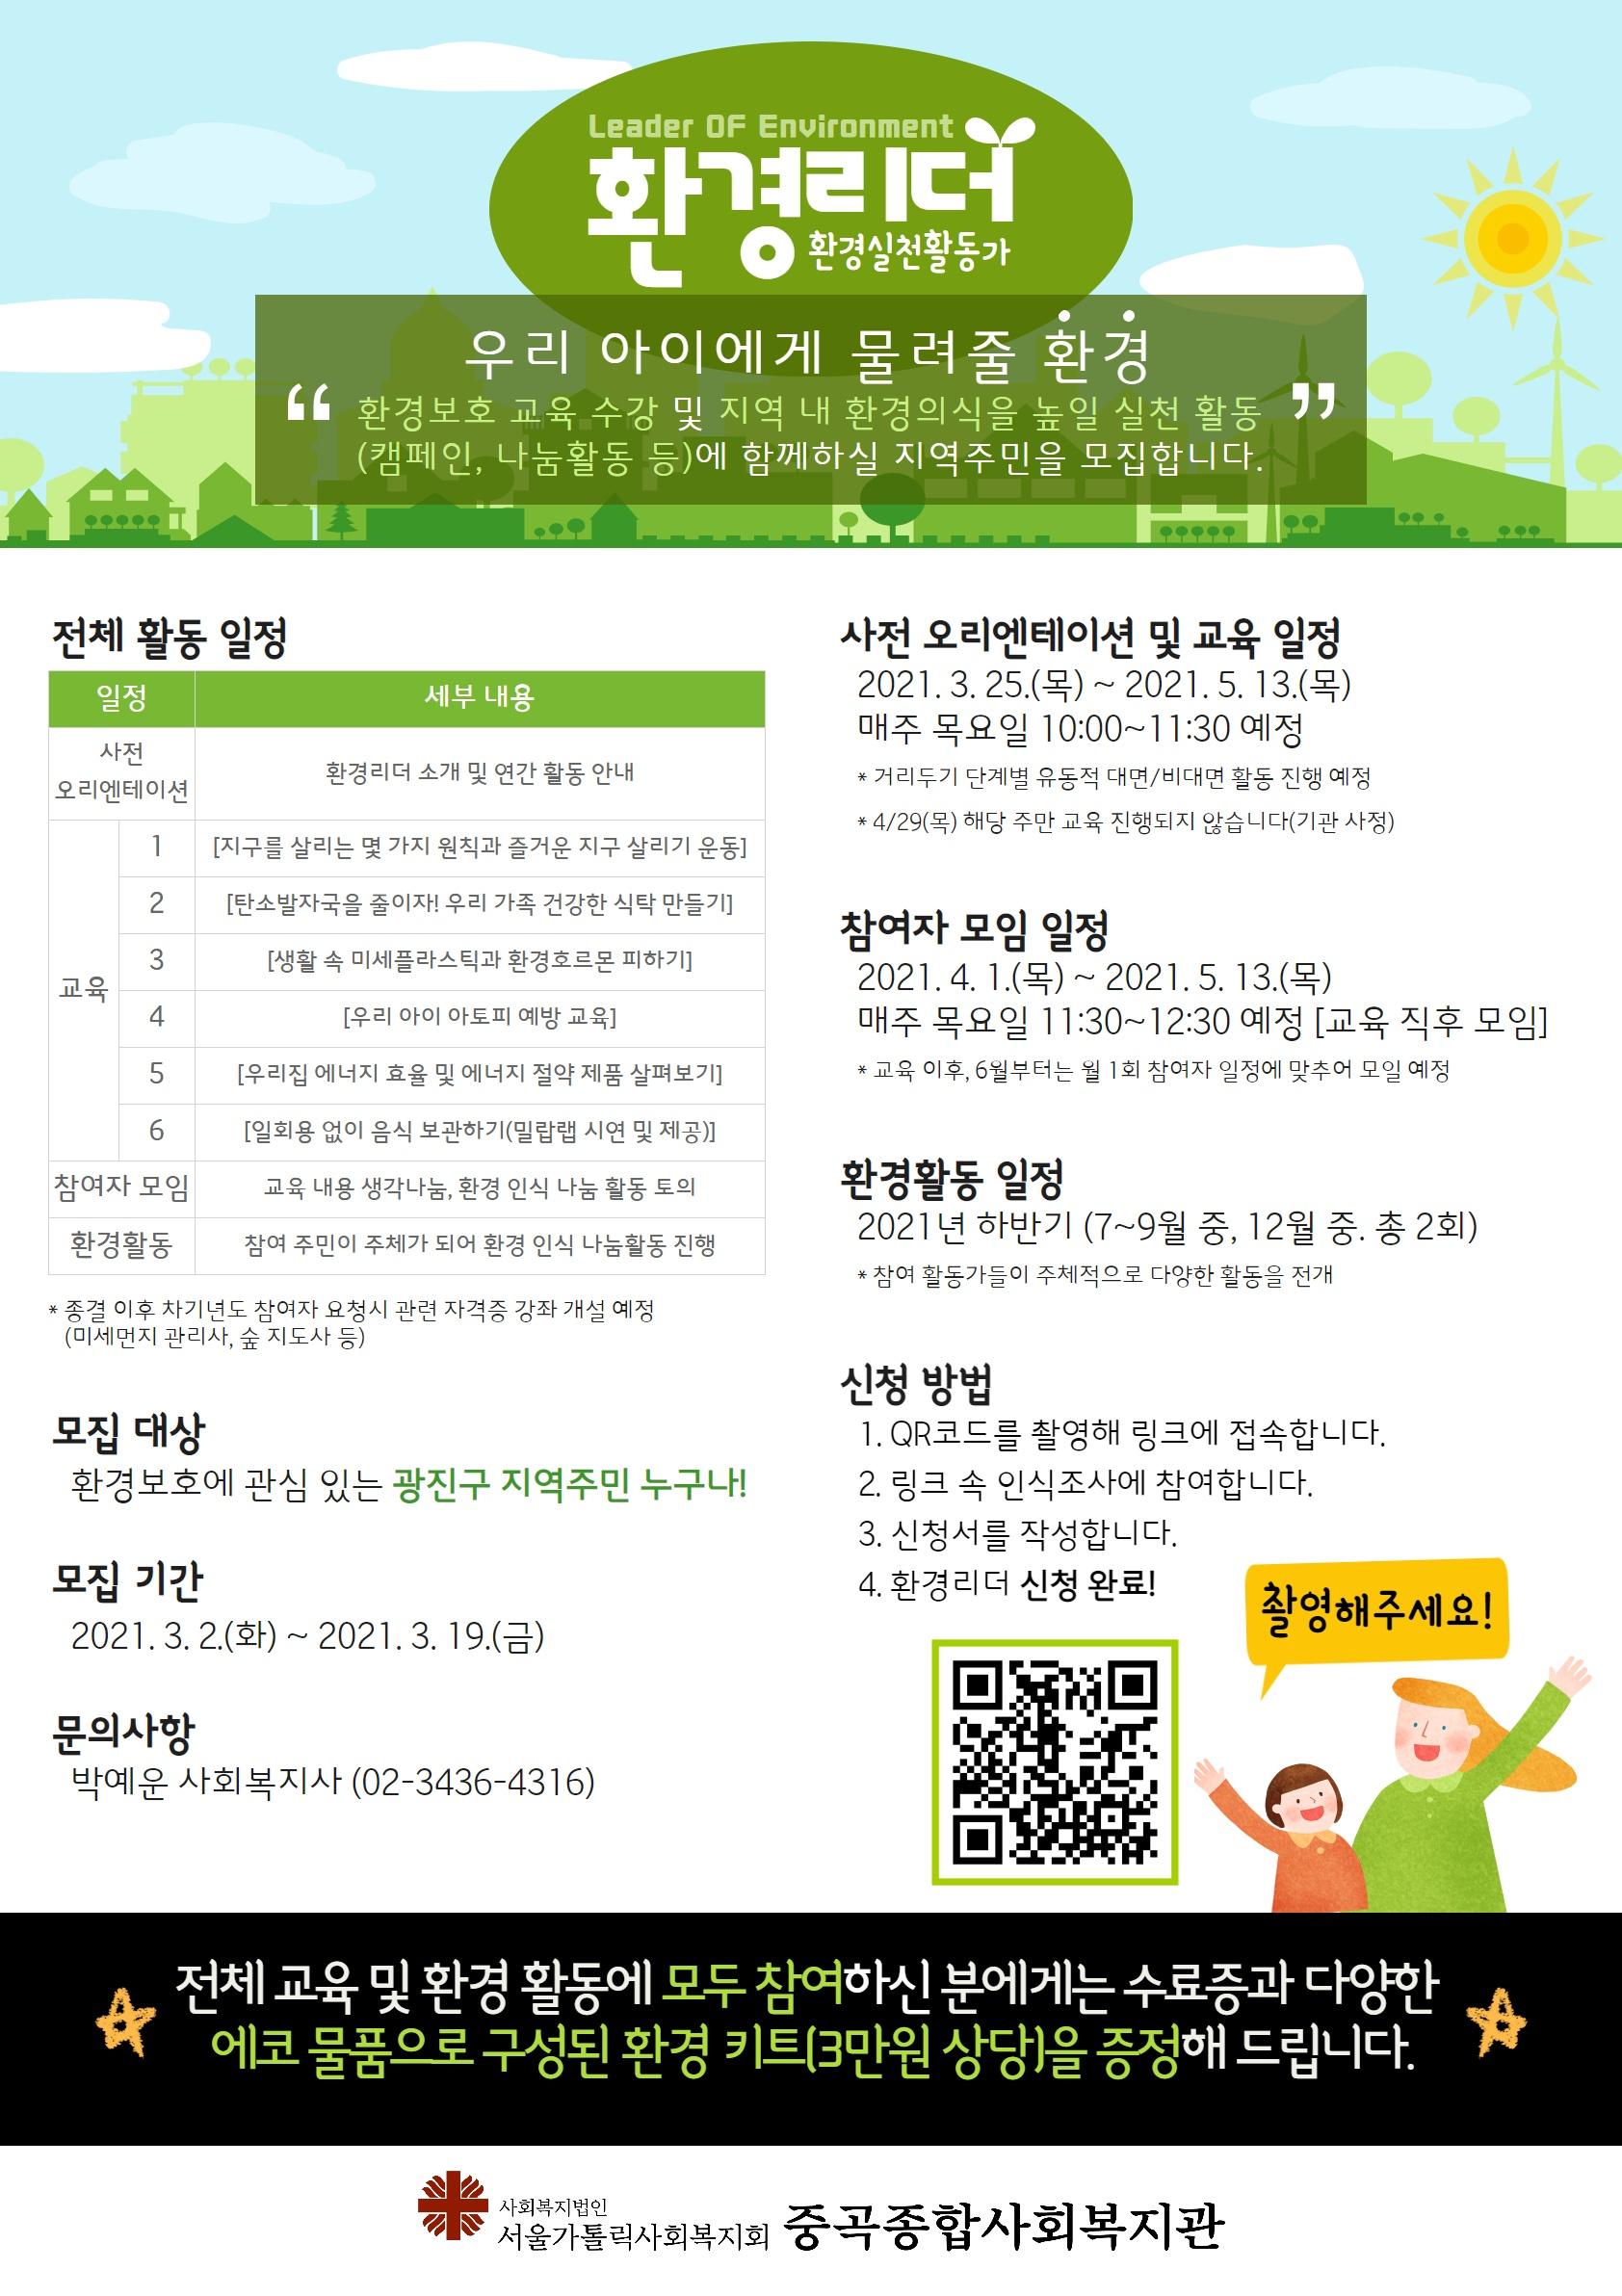 [지역사회조직팀]환경보호교육 및 실천활동에 함께하실 '환경리더'를 모집합니다 !!